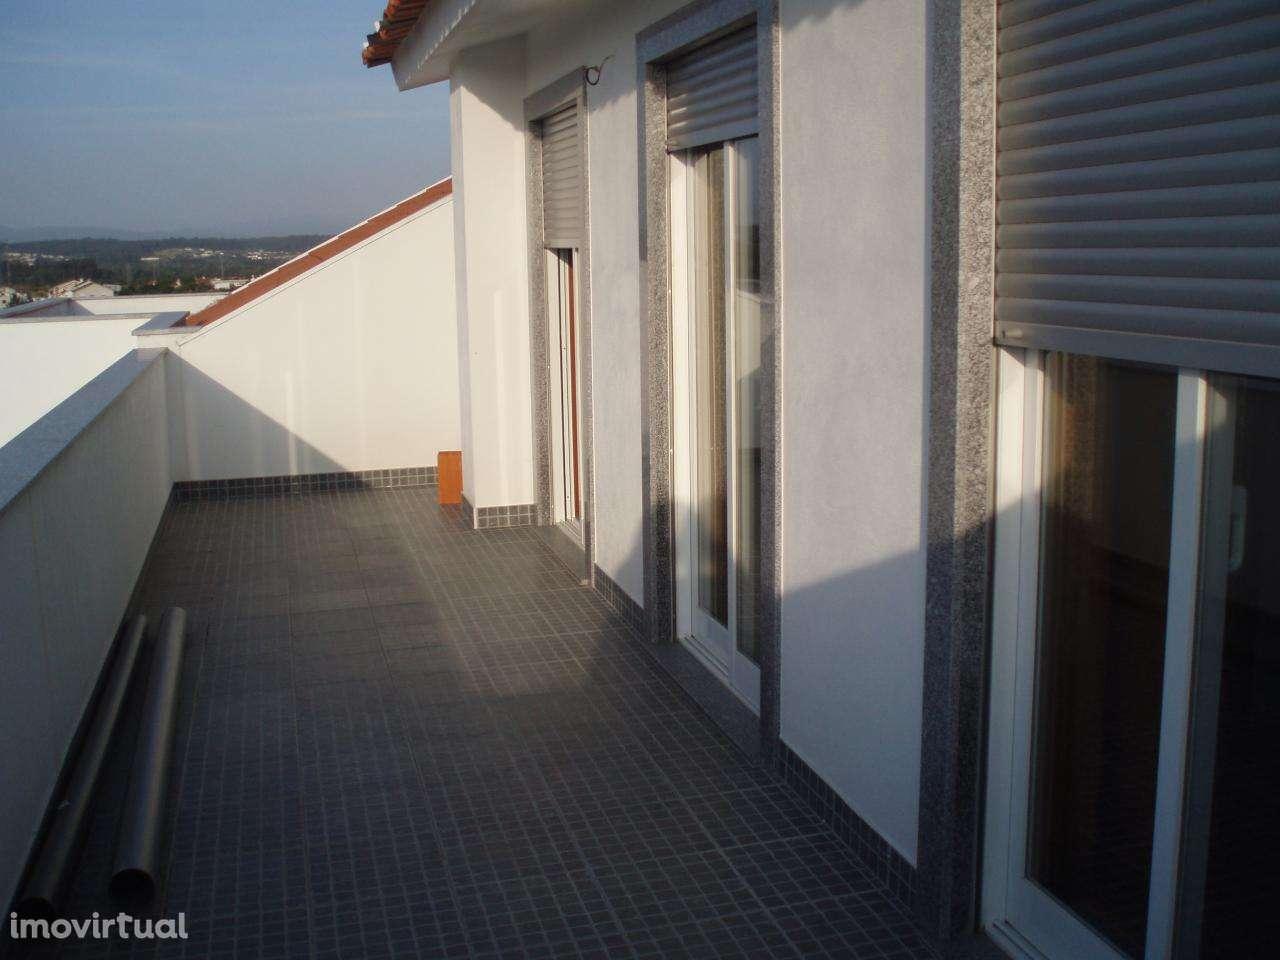 Apartamento para comprar, Eixo e Eirol, Aveiro - Foto 1